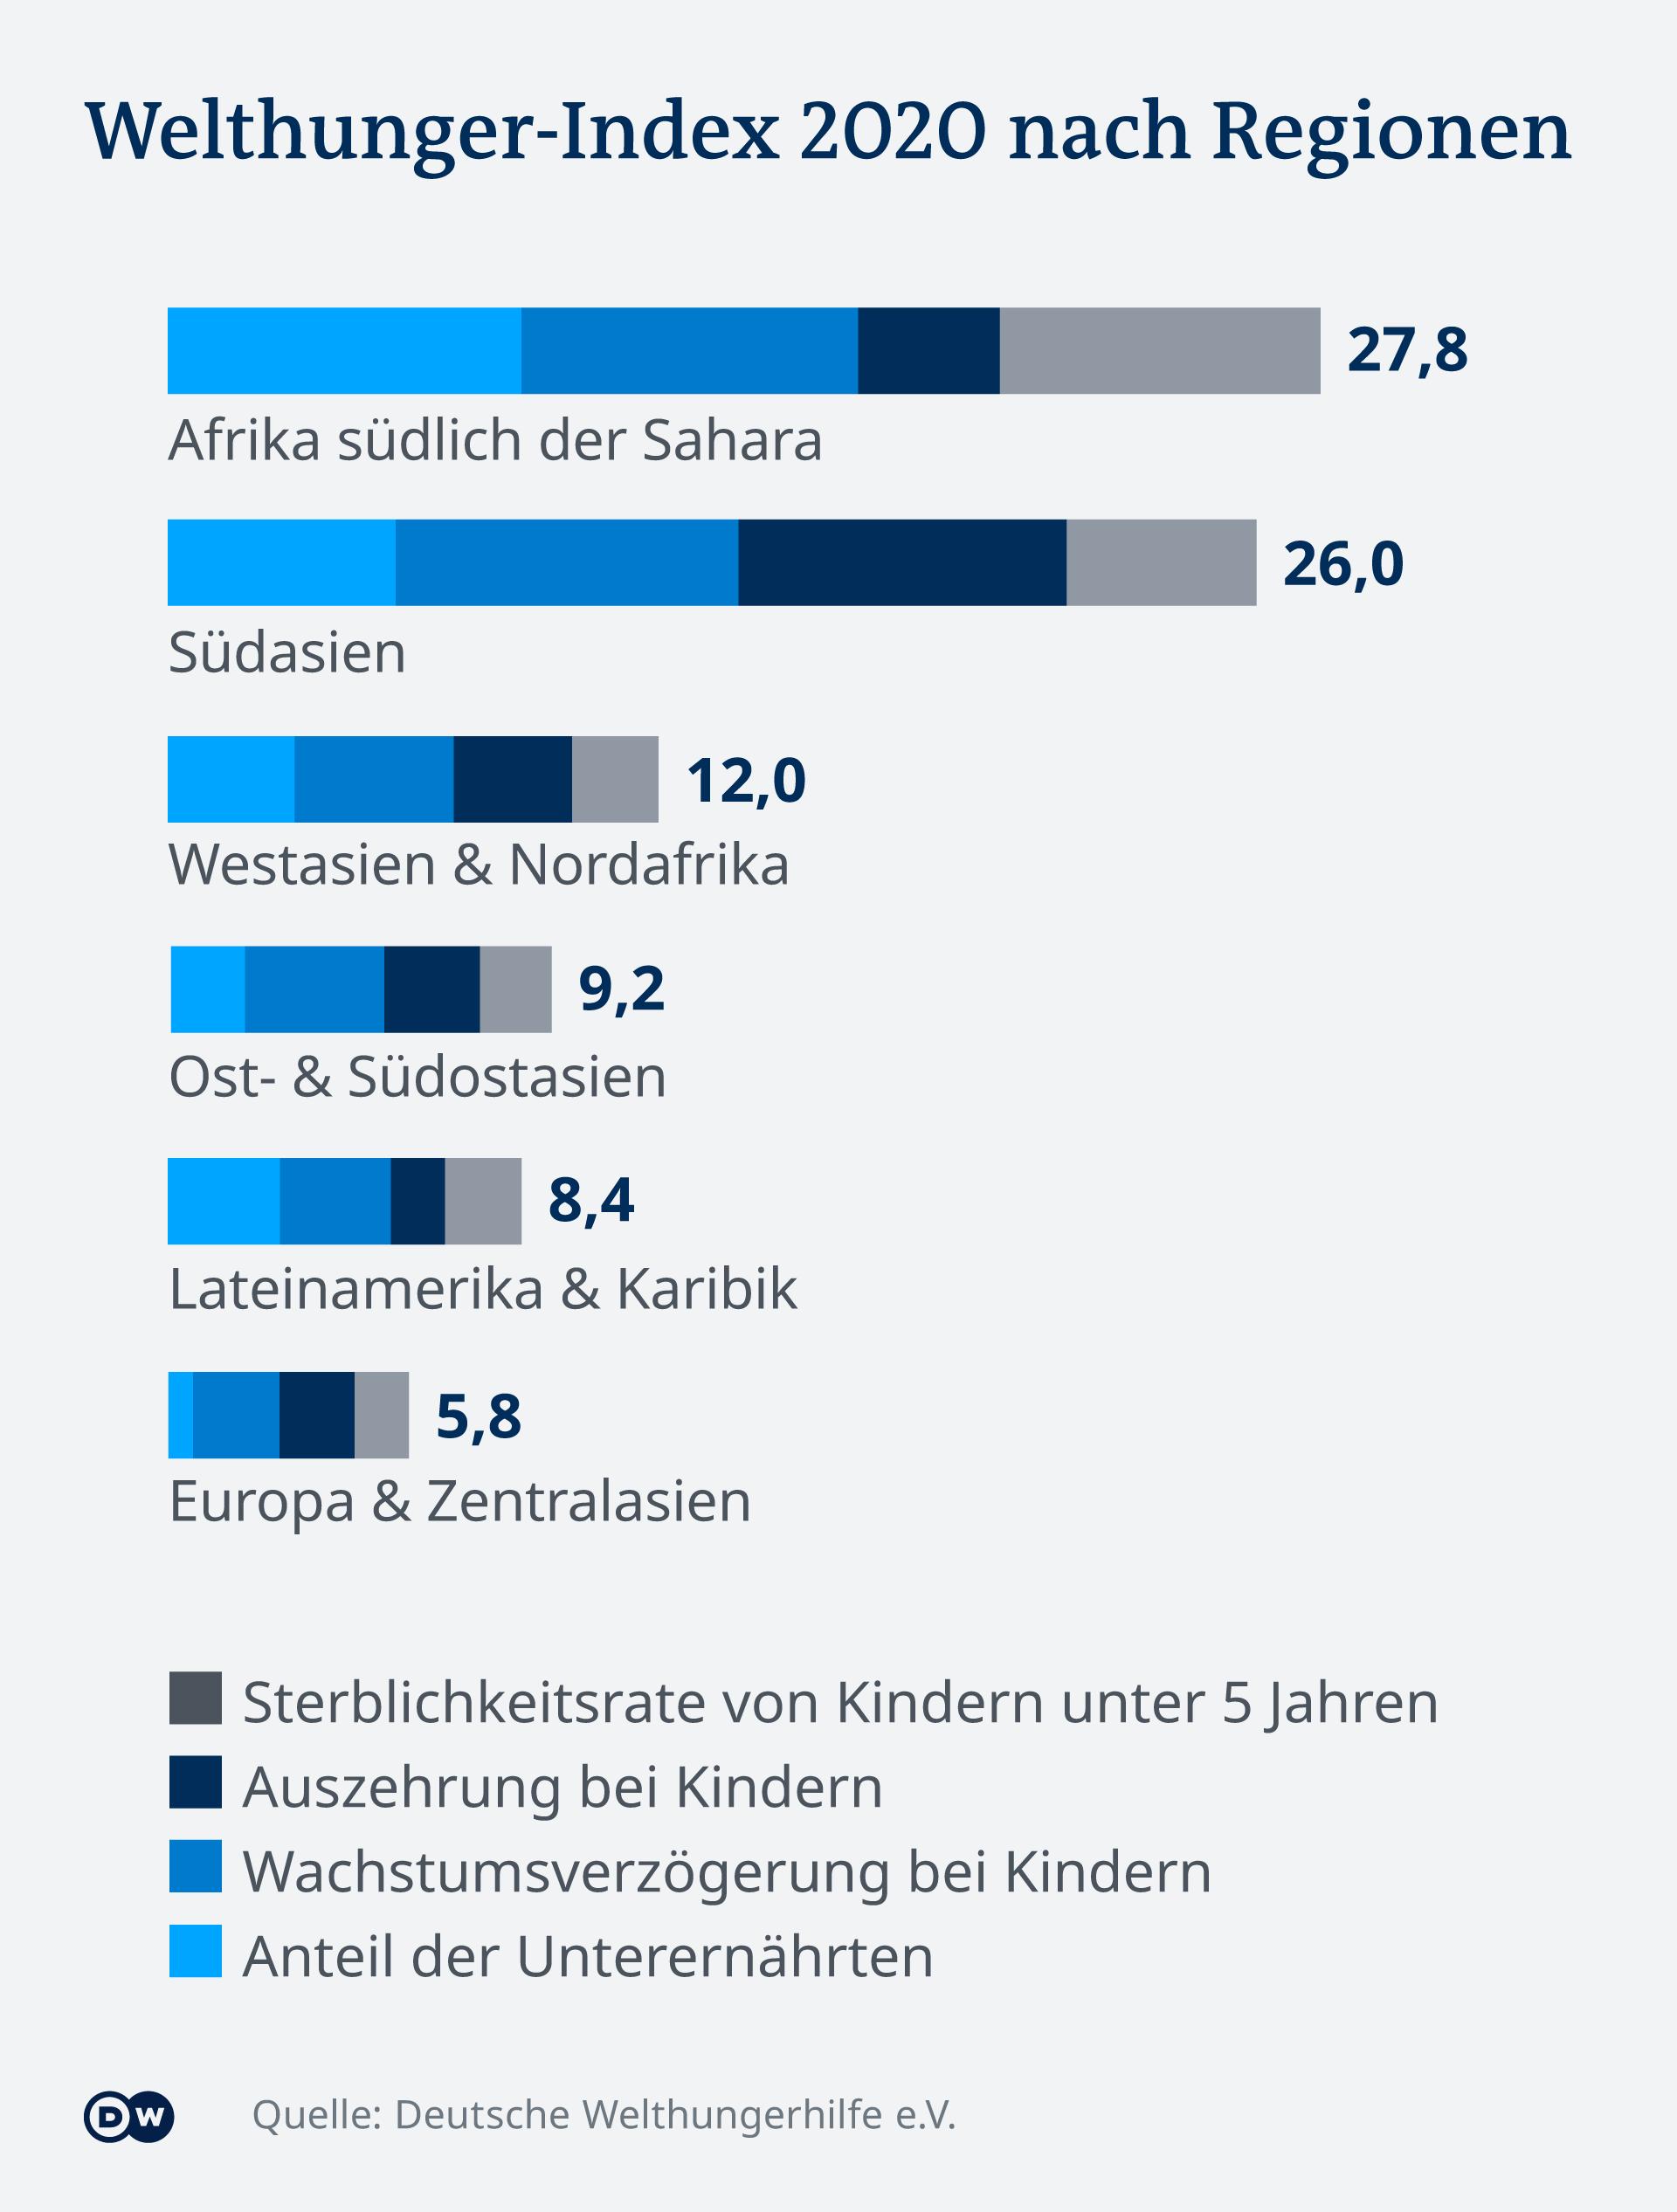 Welthunger-Index 2020: De grosses disparités selon les régions du monde (voir légende dans le texte de l'article ci-dessus)